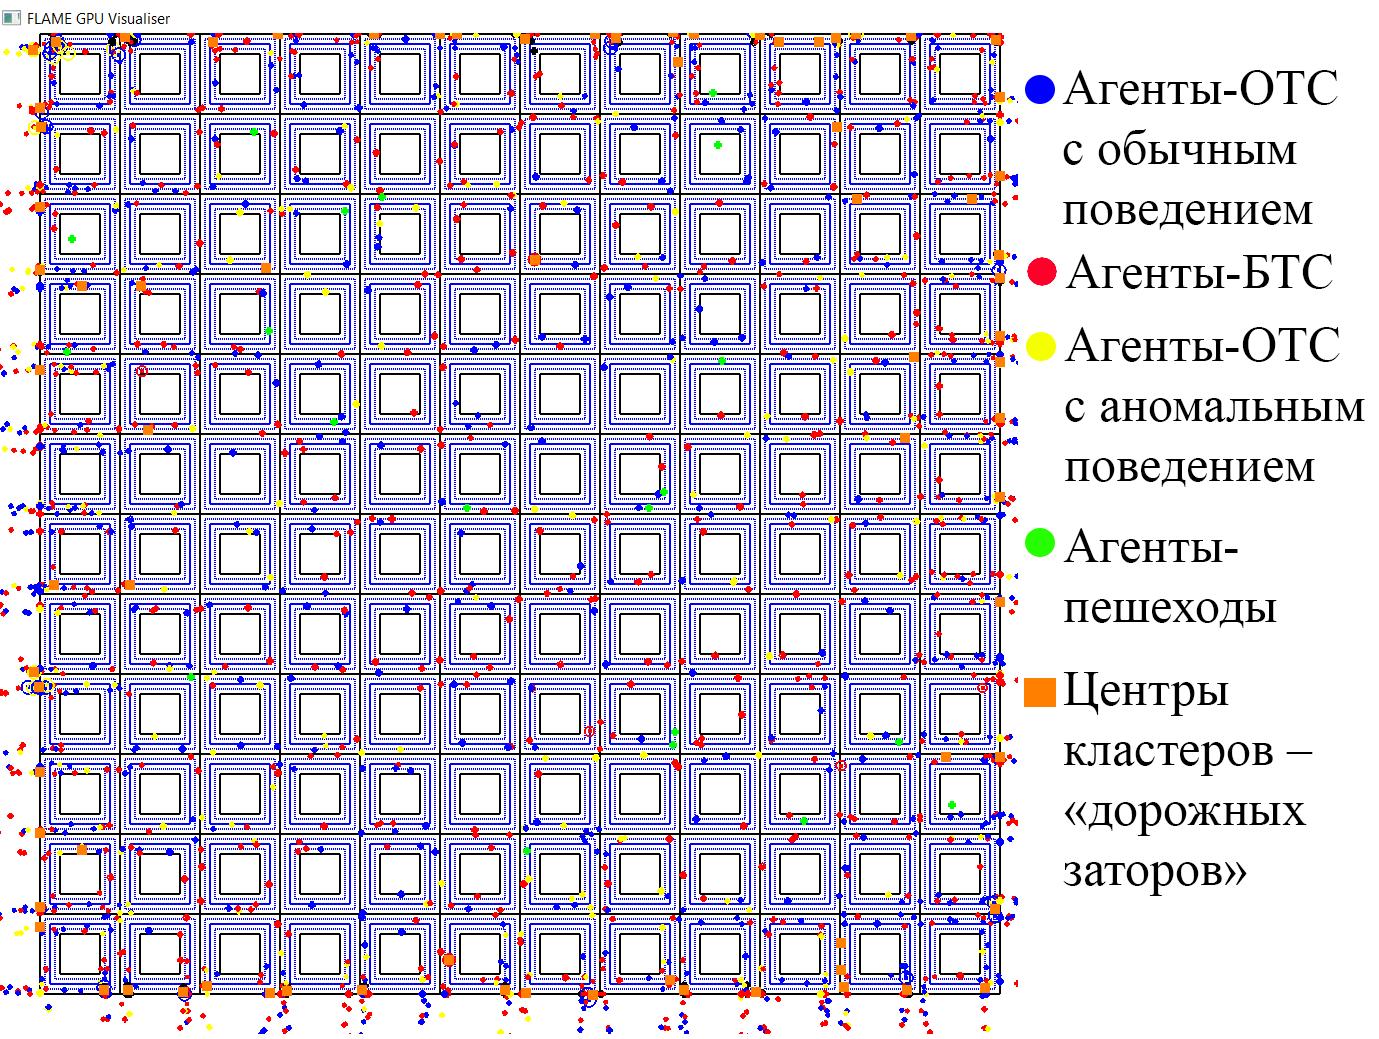 Рисунок 6. Пример визуализации пространственной динамики агентов (ОТС, БТС и пешеходов).